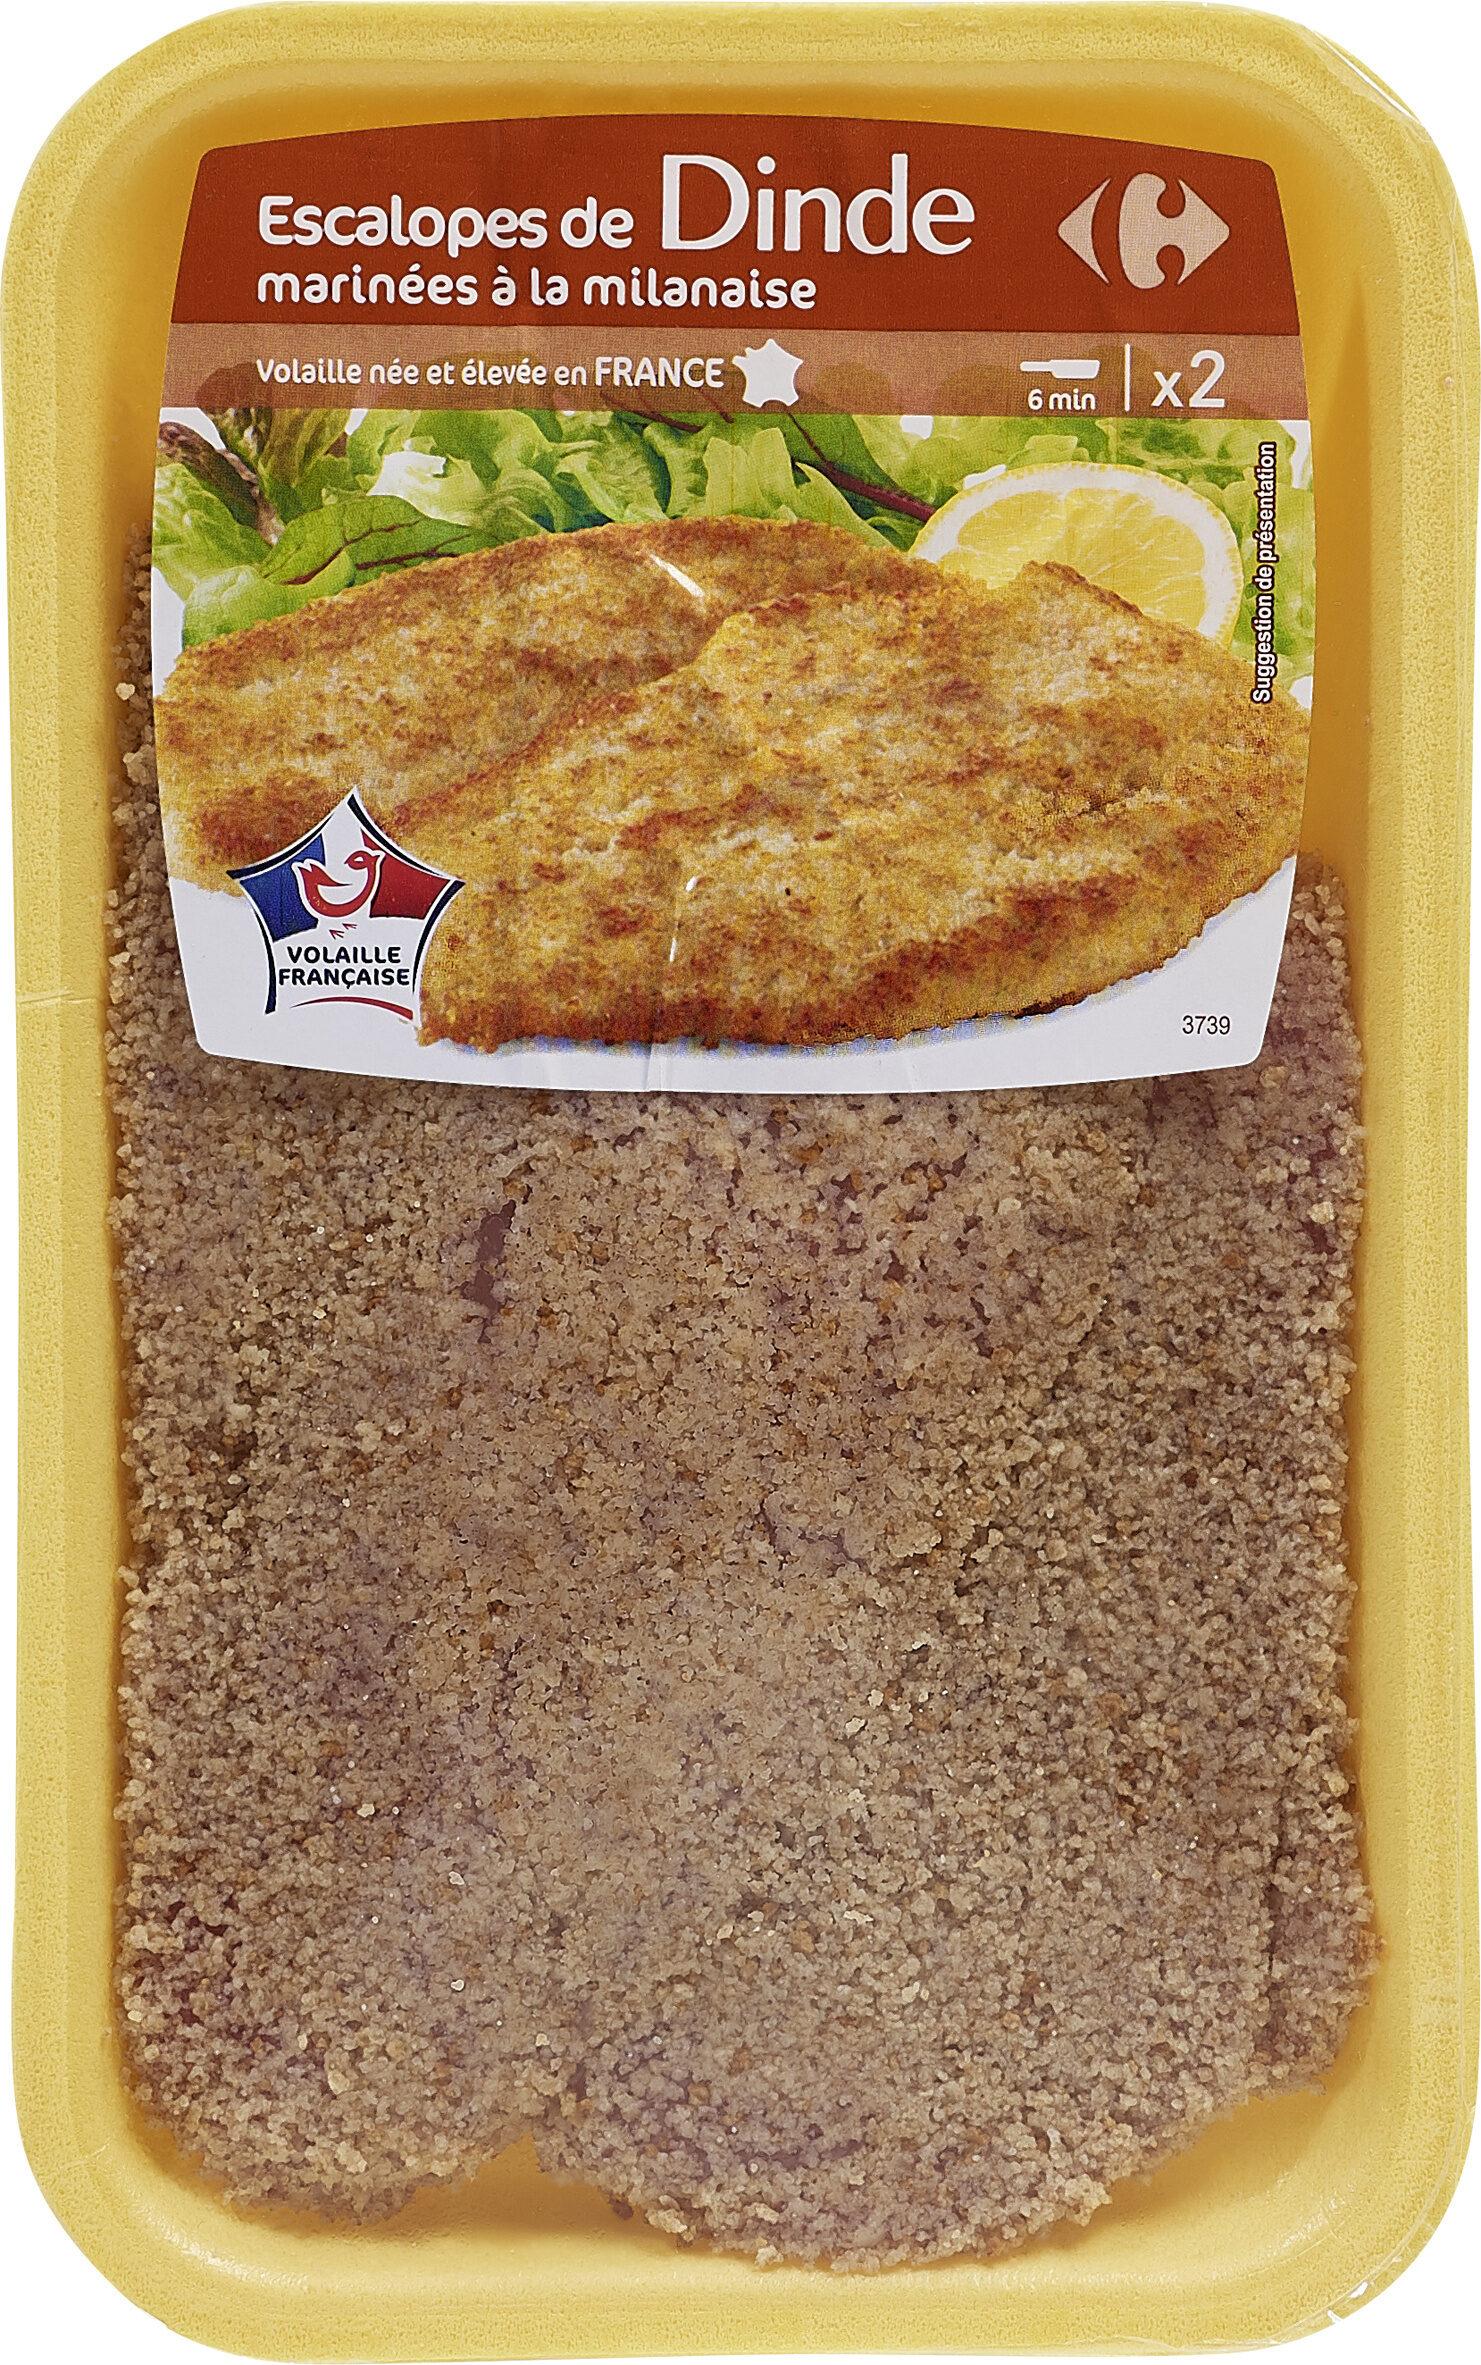 Escalopes de Dinde marinées à la milanaise - Product - fr